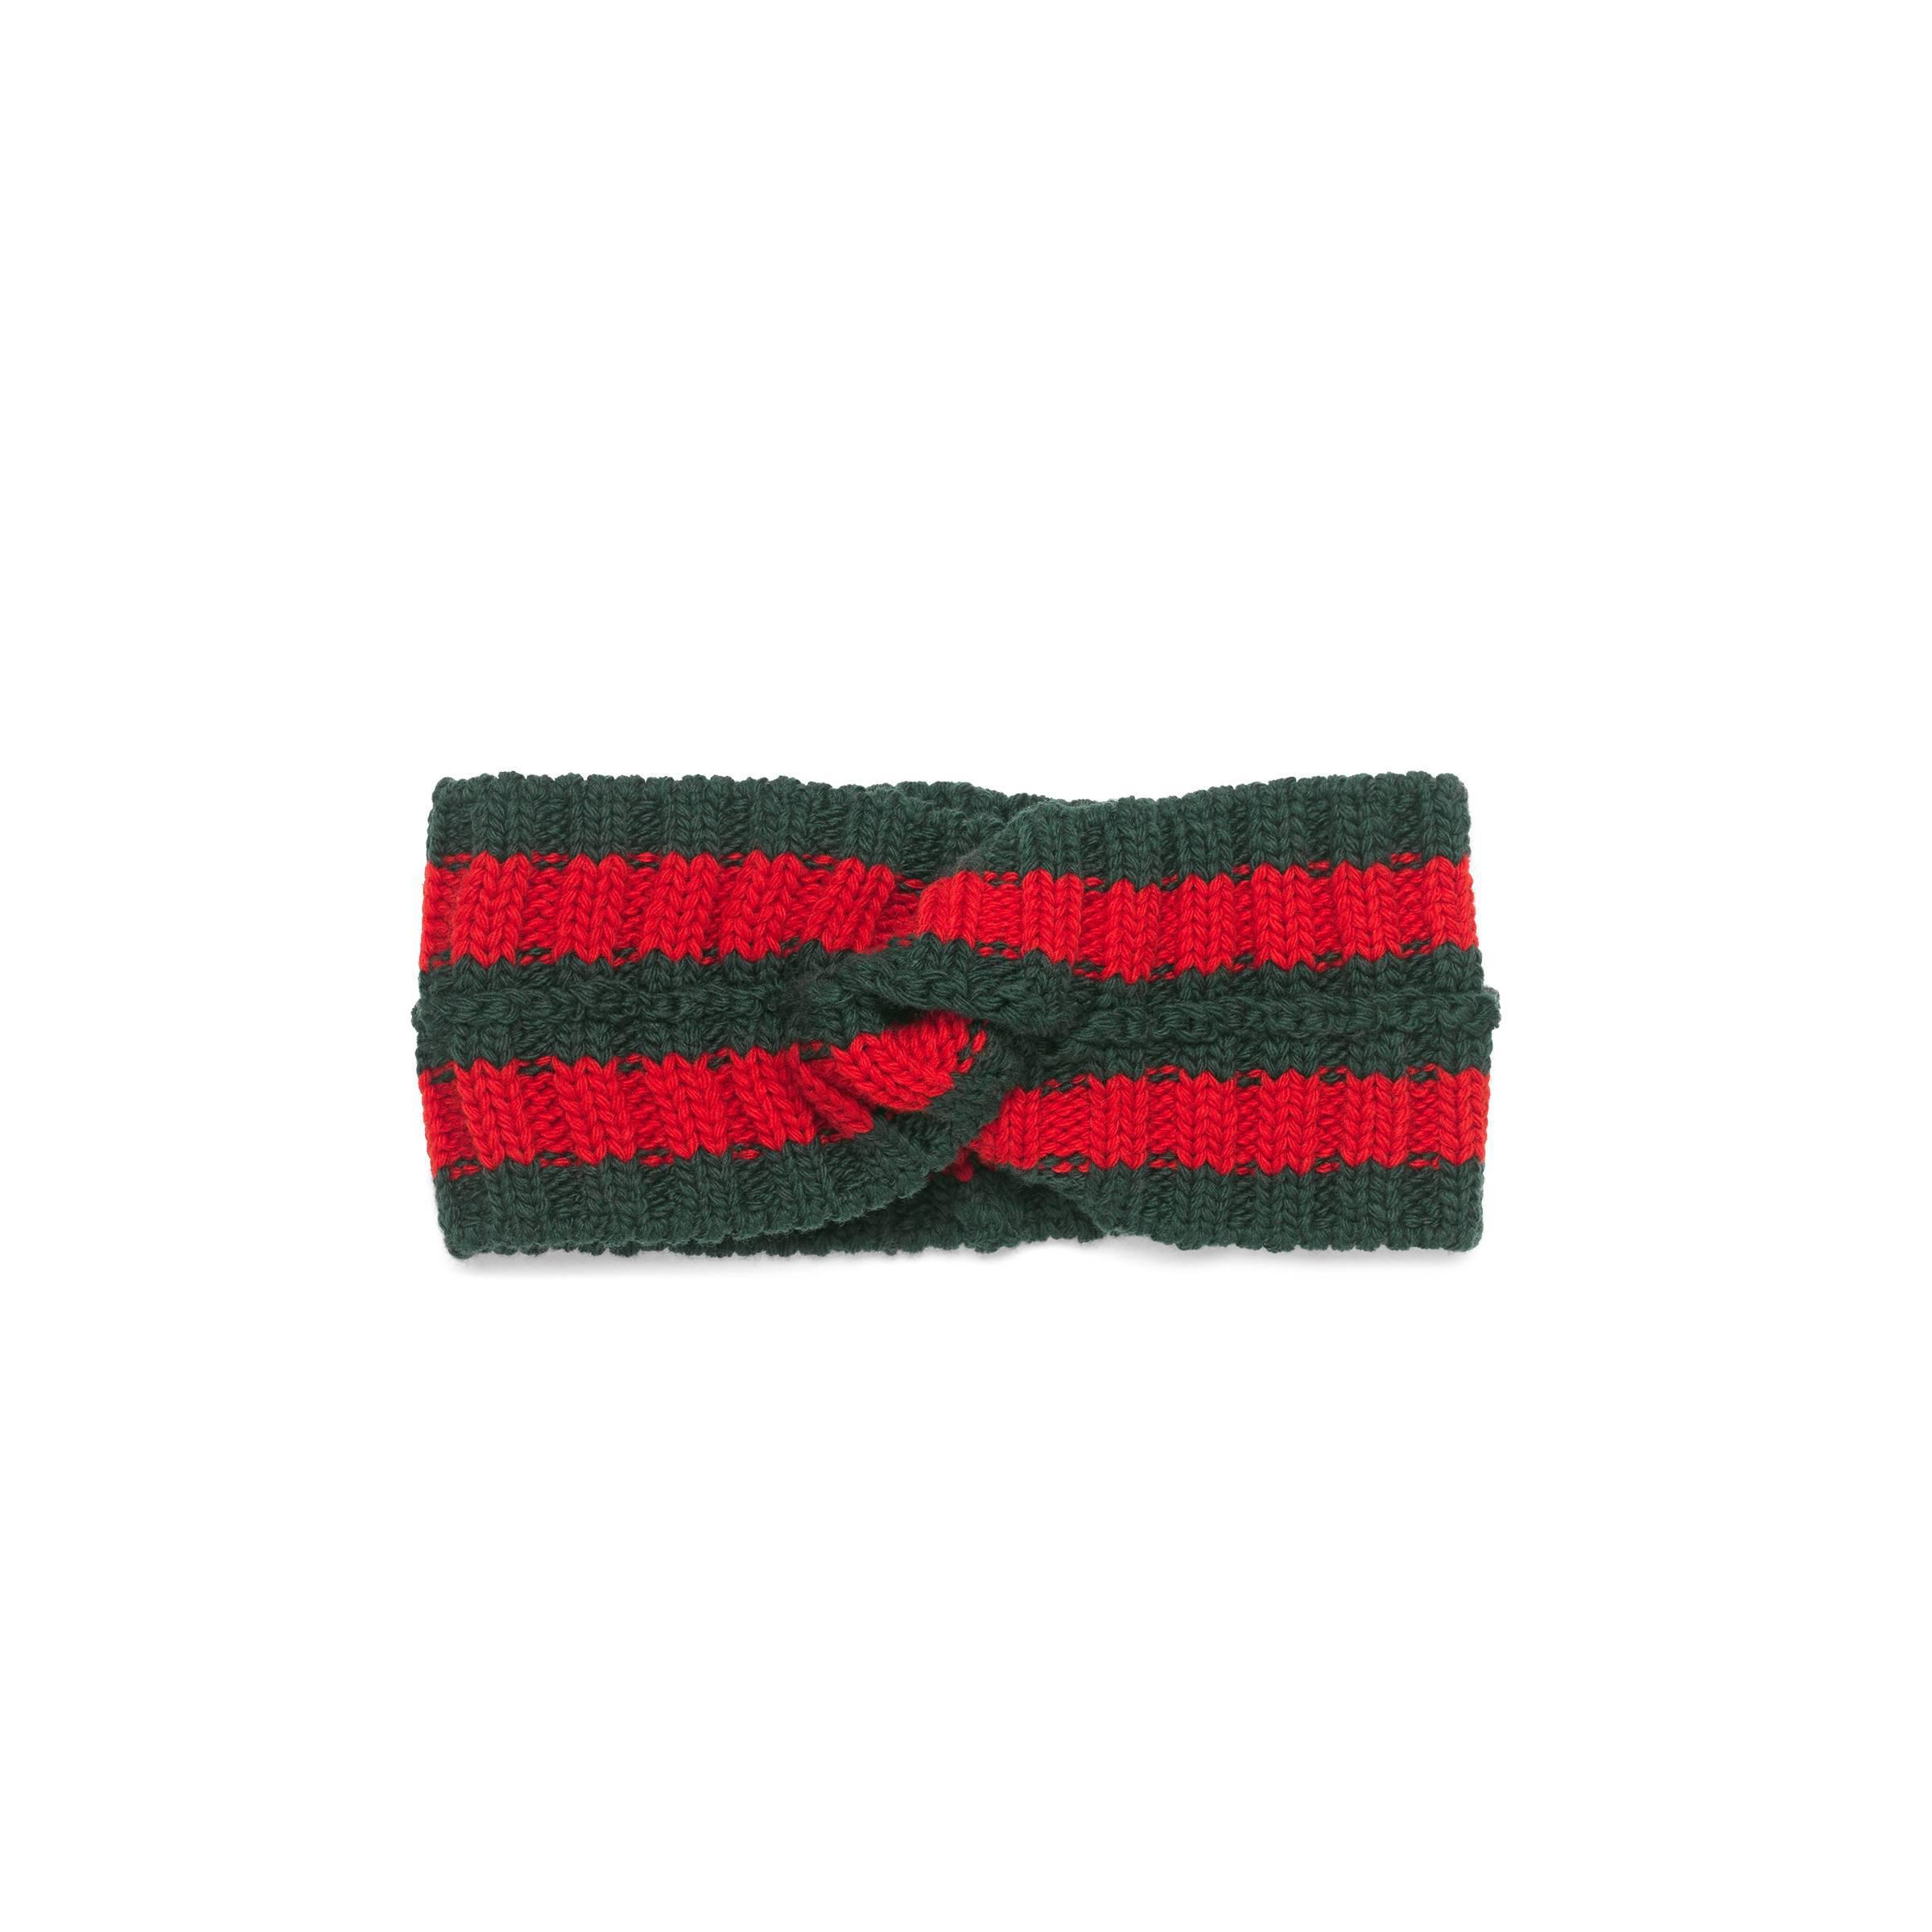 faa7a2245a2 Gucci Wool Web Headband in Green - Save 6% - Lyst